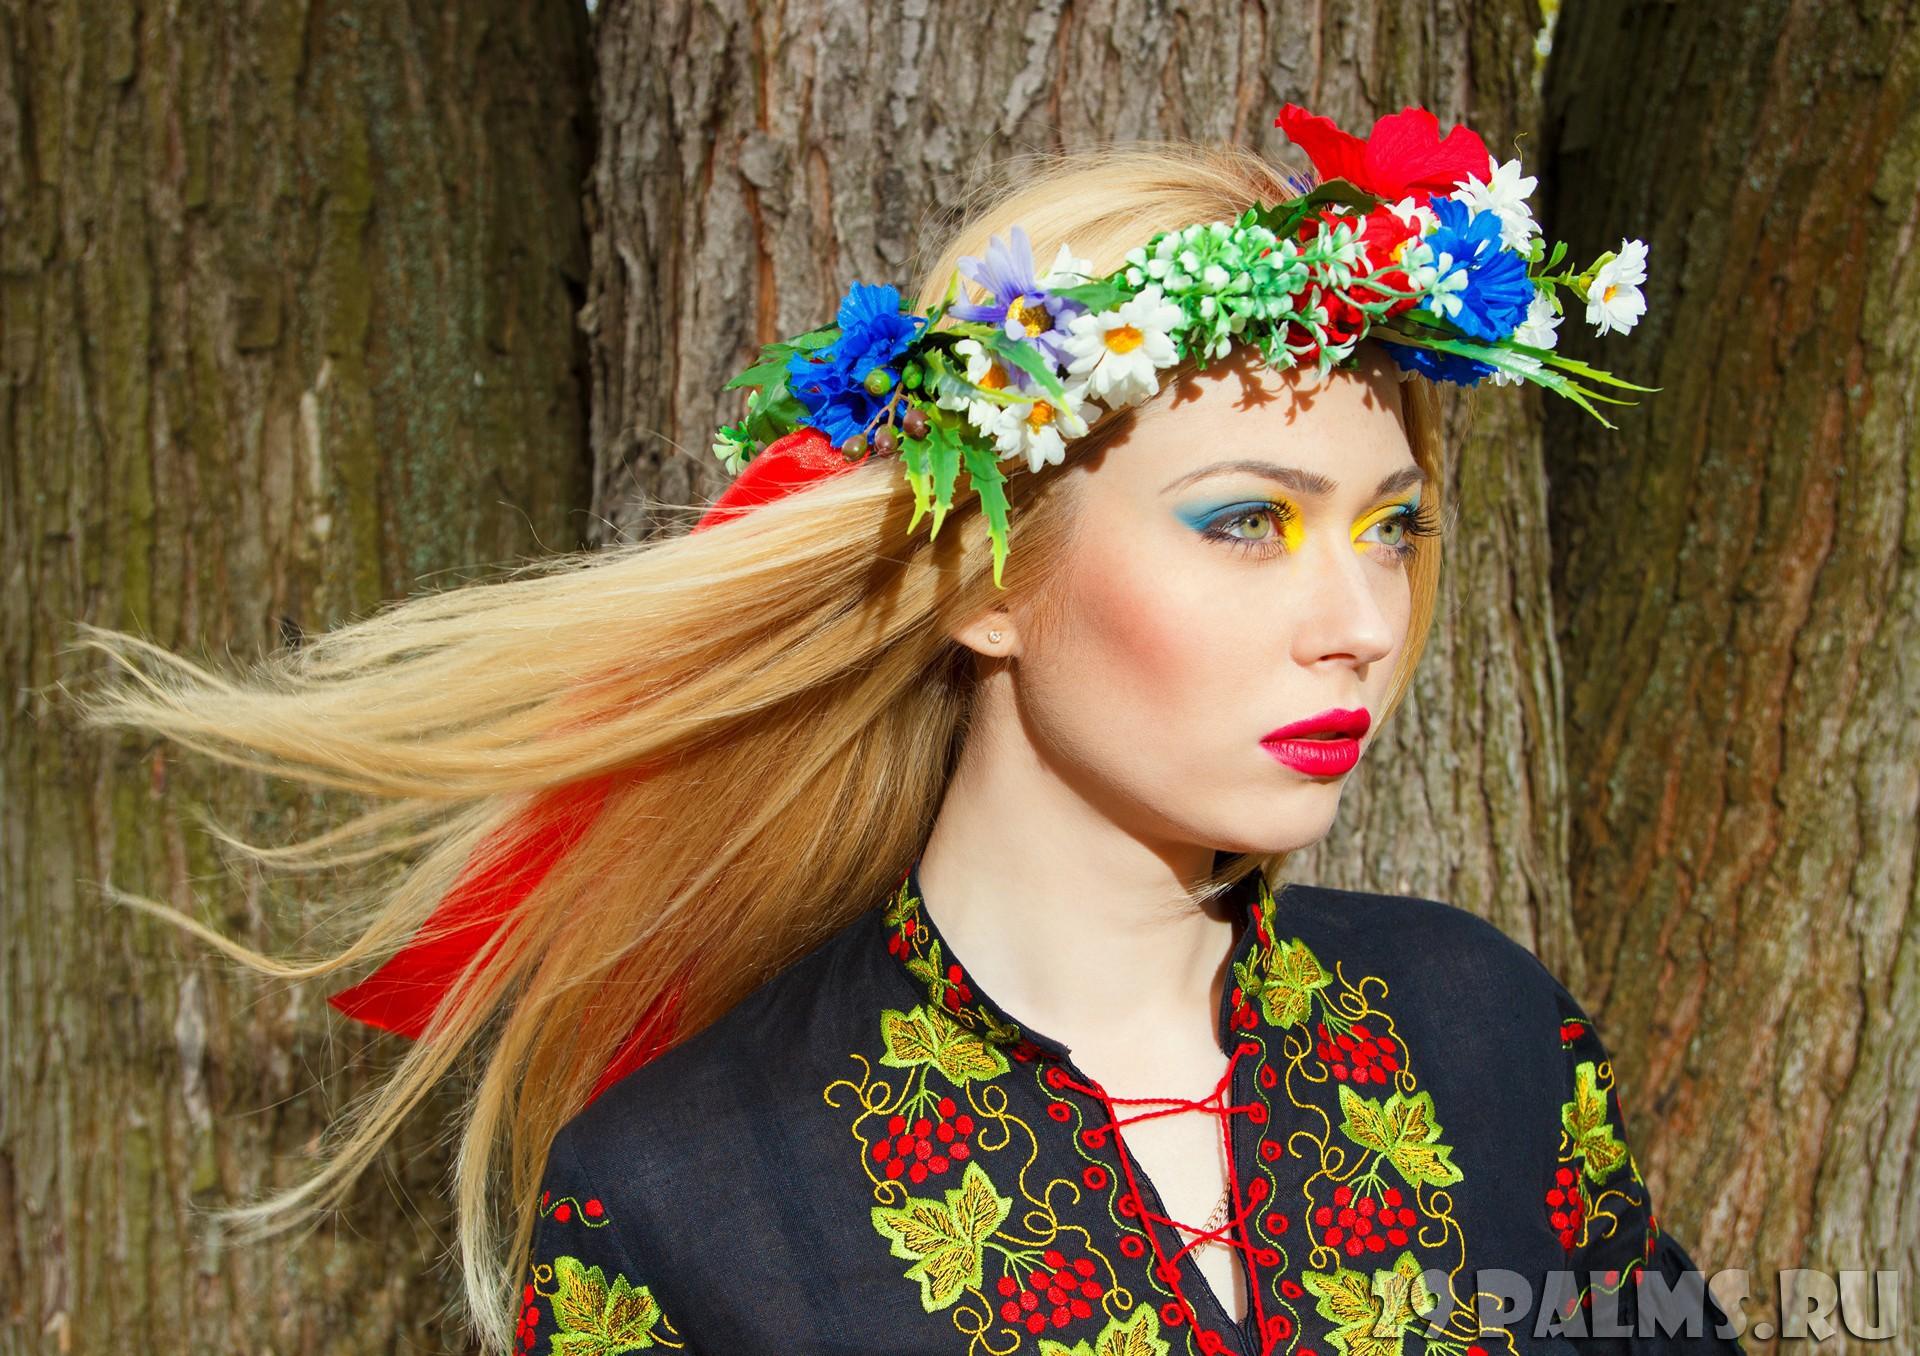 Украинский девушки голые, Голые Украинки - сиськи и попки украинских девушек 16 фотография